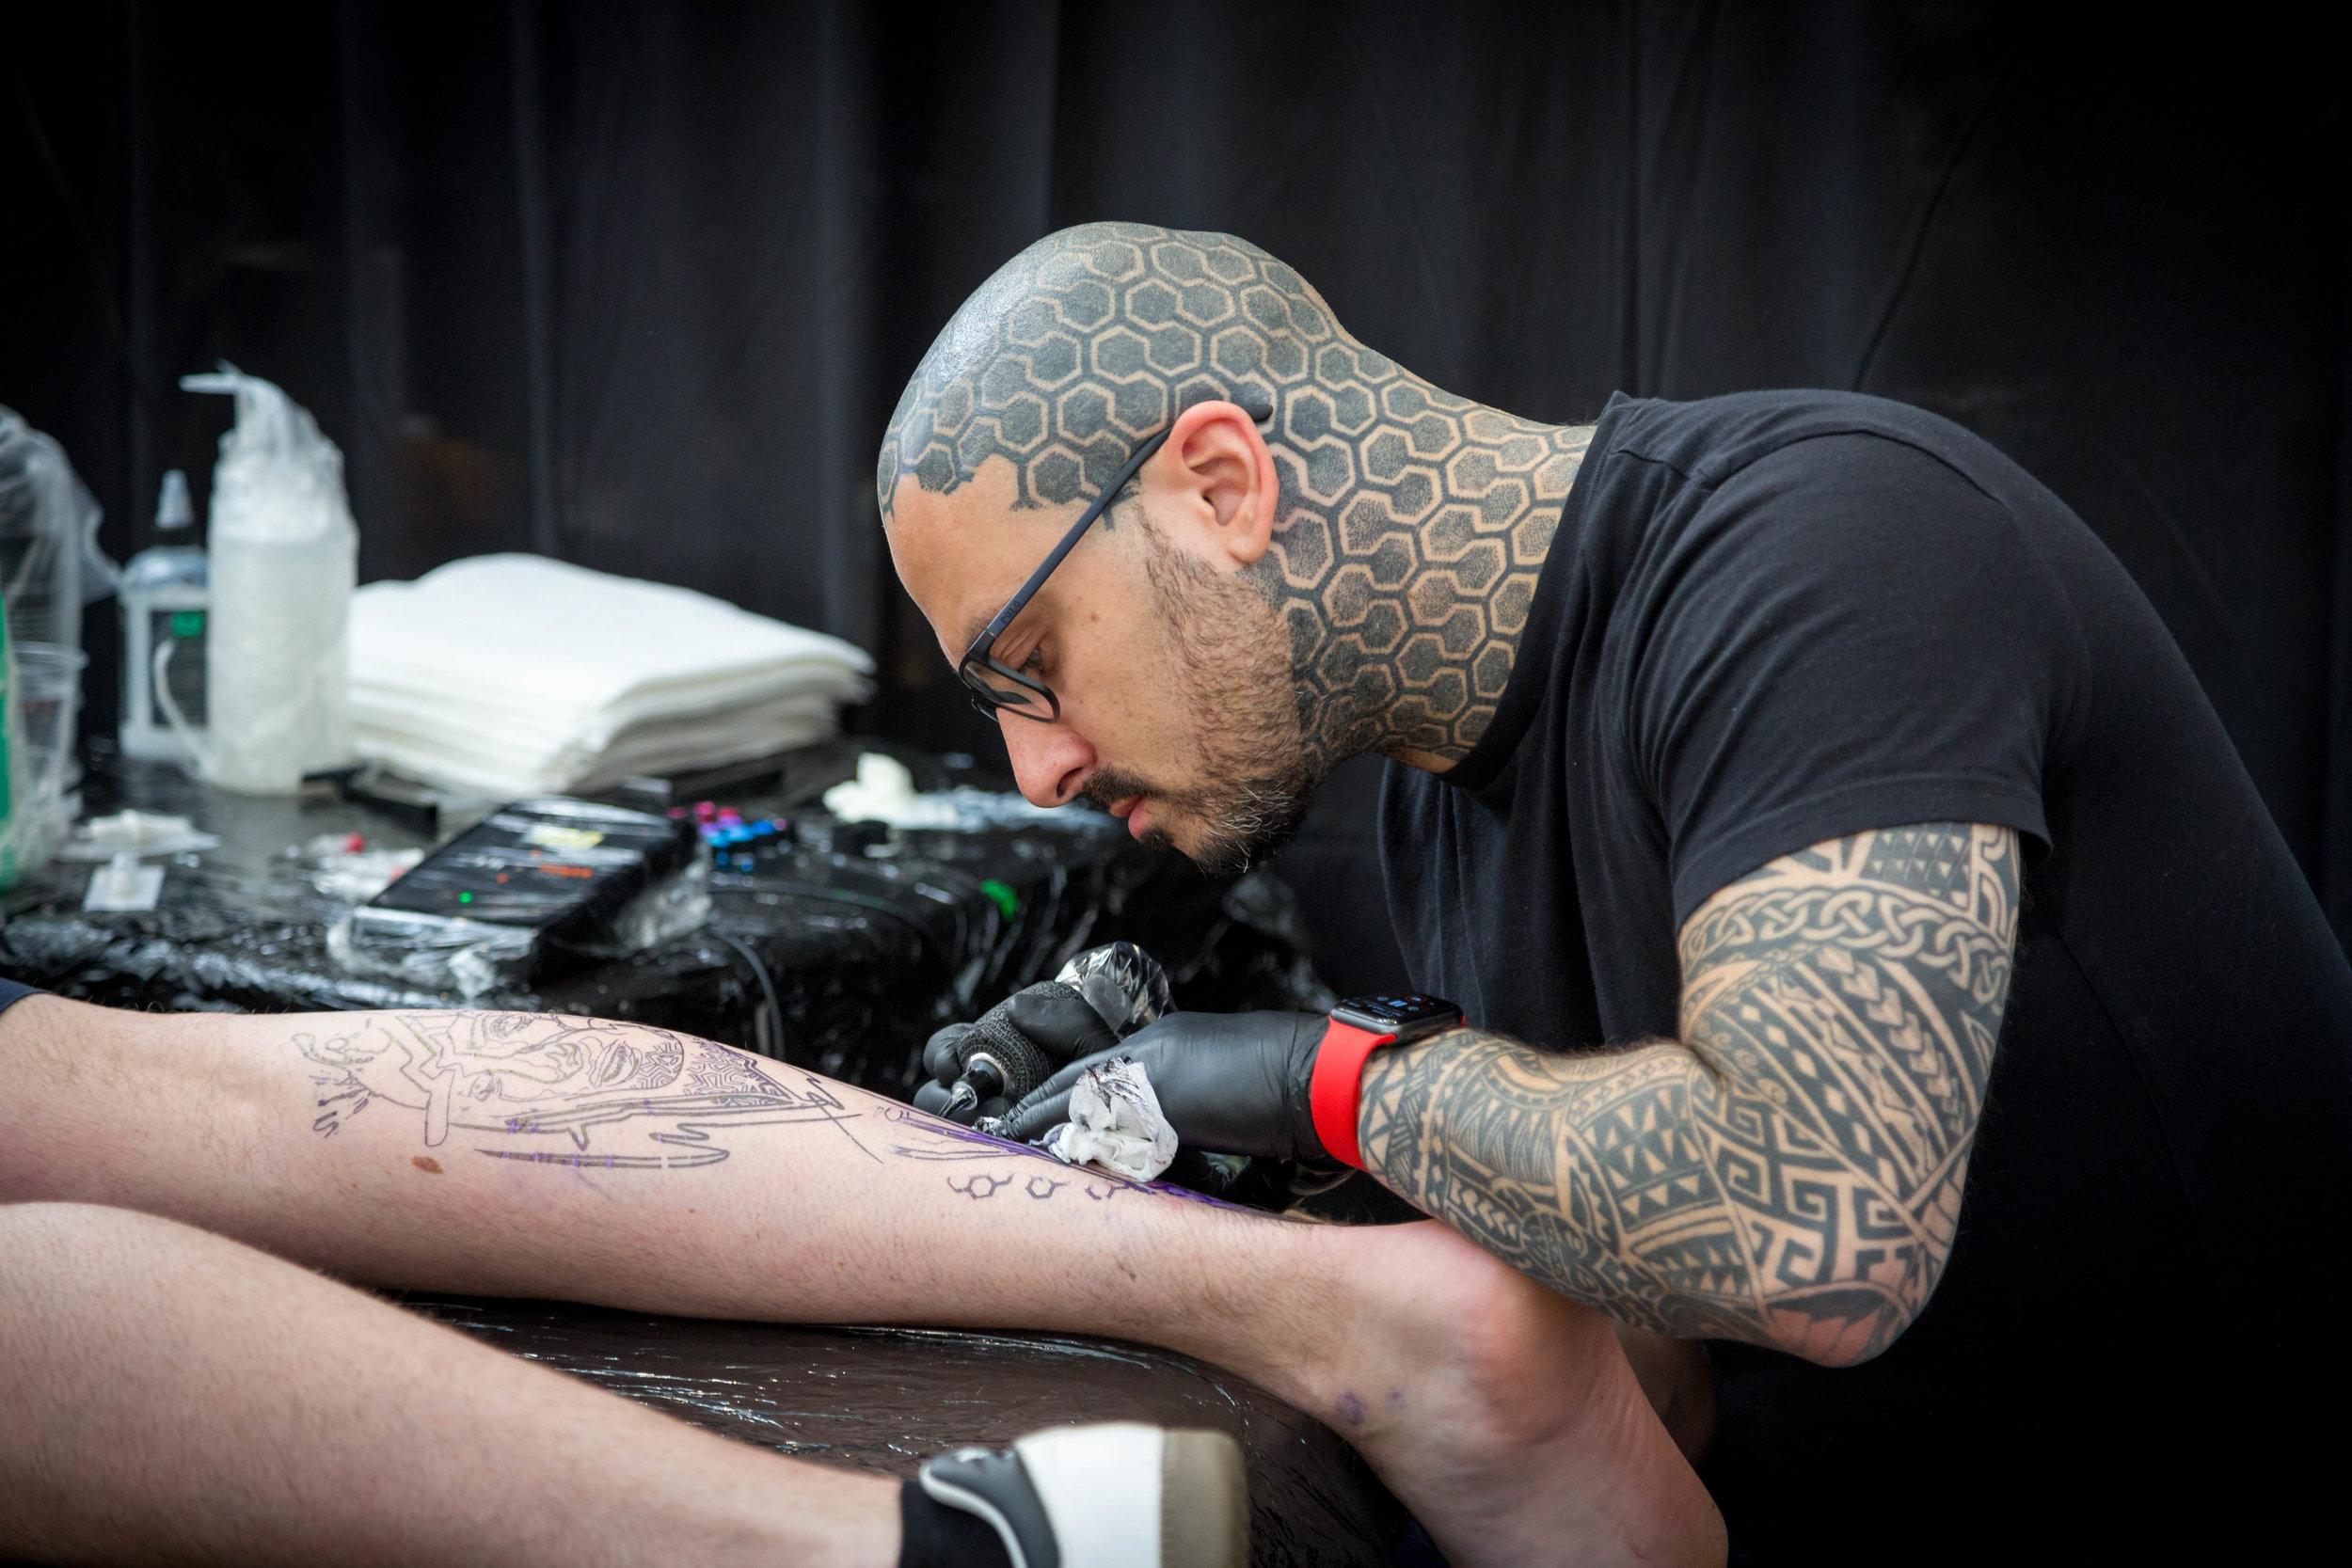 Great_British_Tattoo_Show_2018-5744-2.jpg